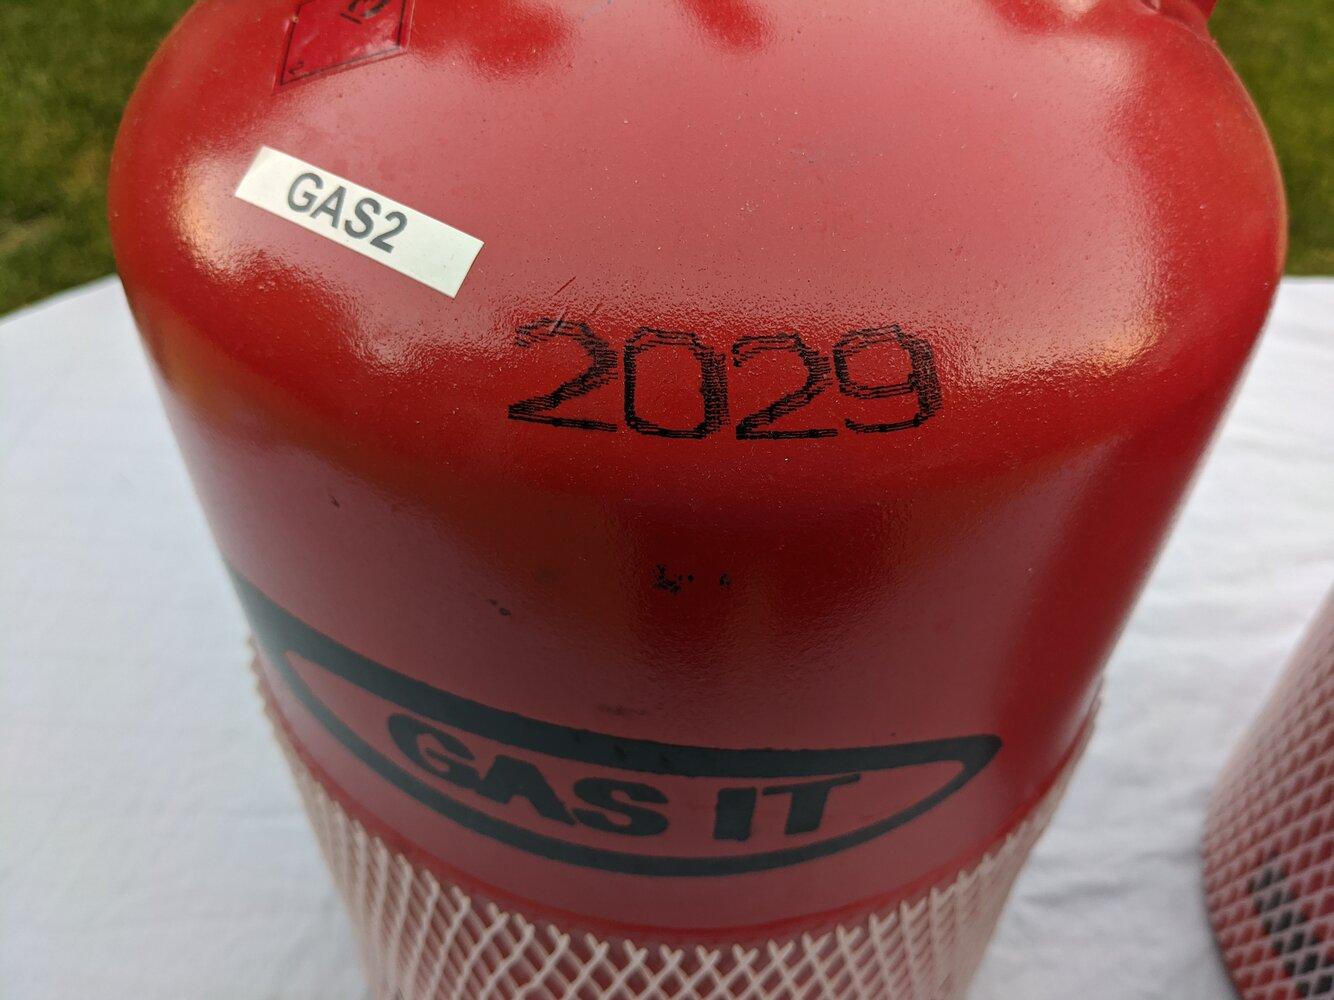 GAS IT 6kg Refillable LPG Gas Bottle Cylinders 3.jpg